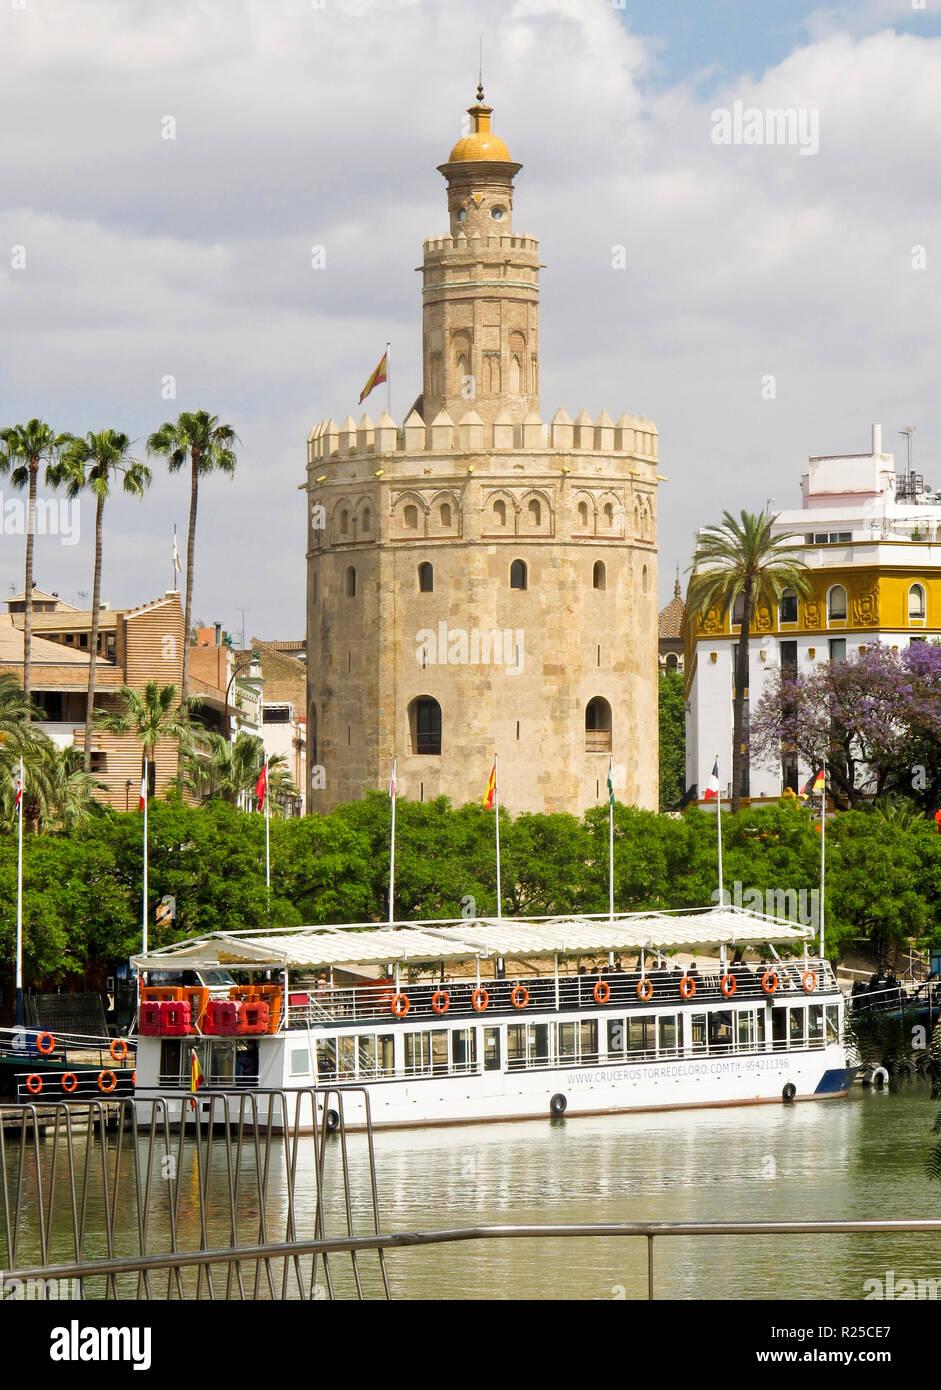 Torre del Oro y el río Gualdalquivir. Sevilla. Andalucía. España Imagen De Stock